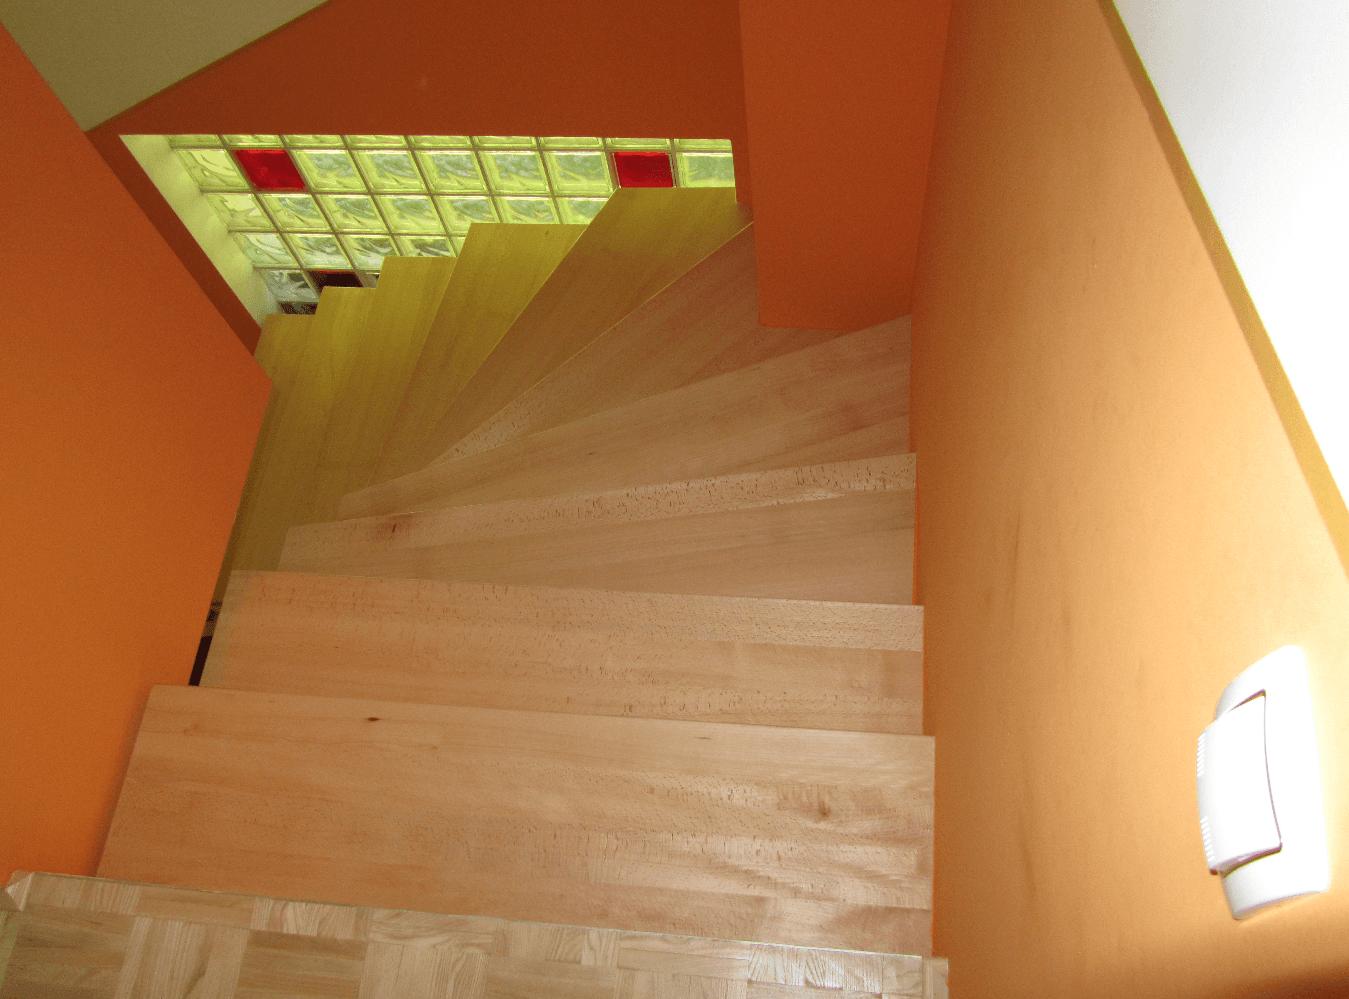 Nastopne stopnice slika oz zgoraj